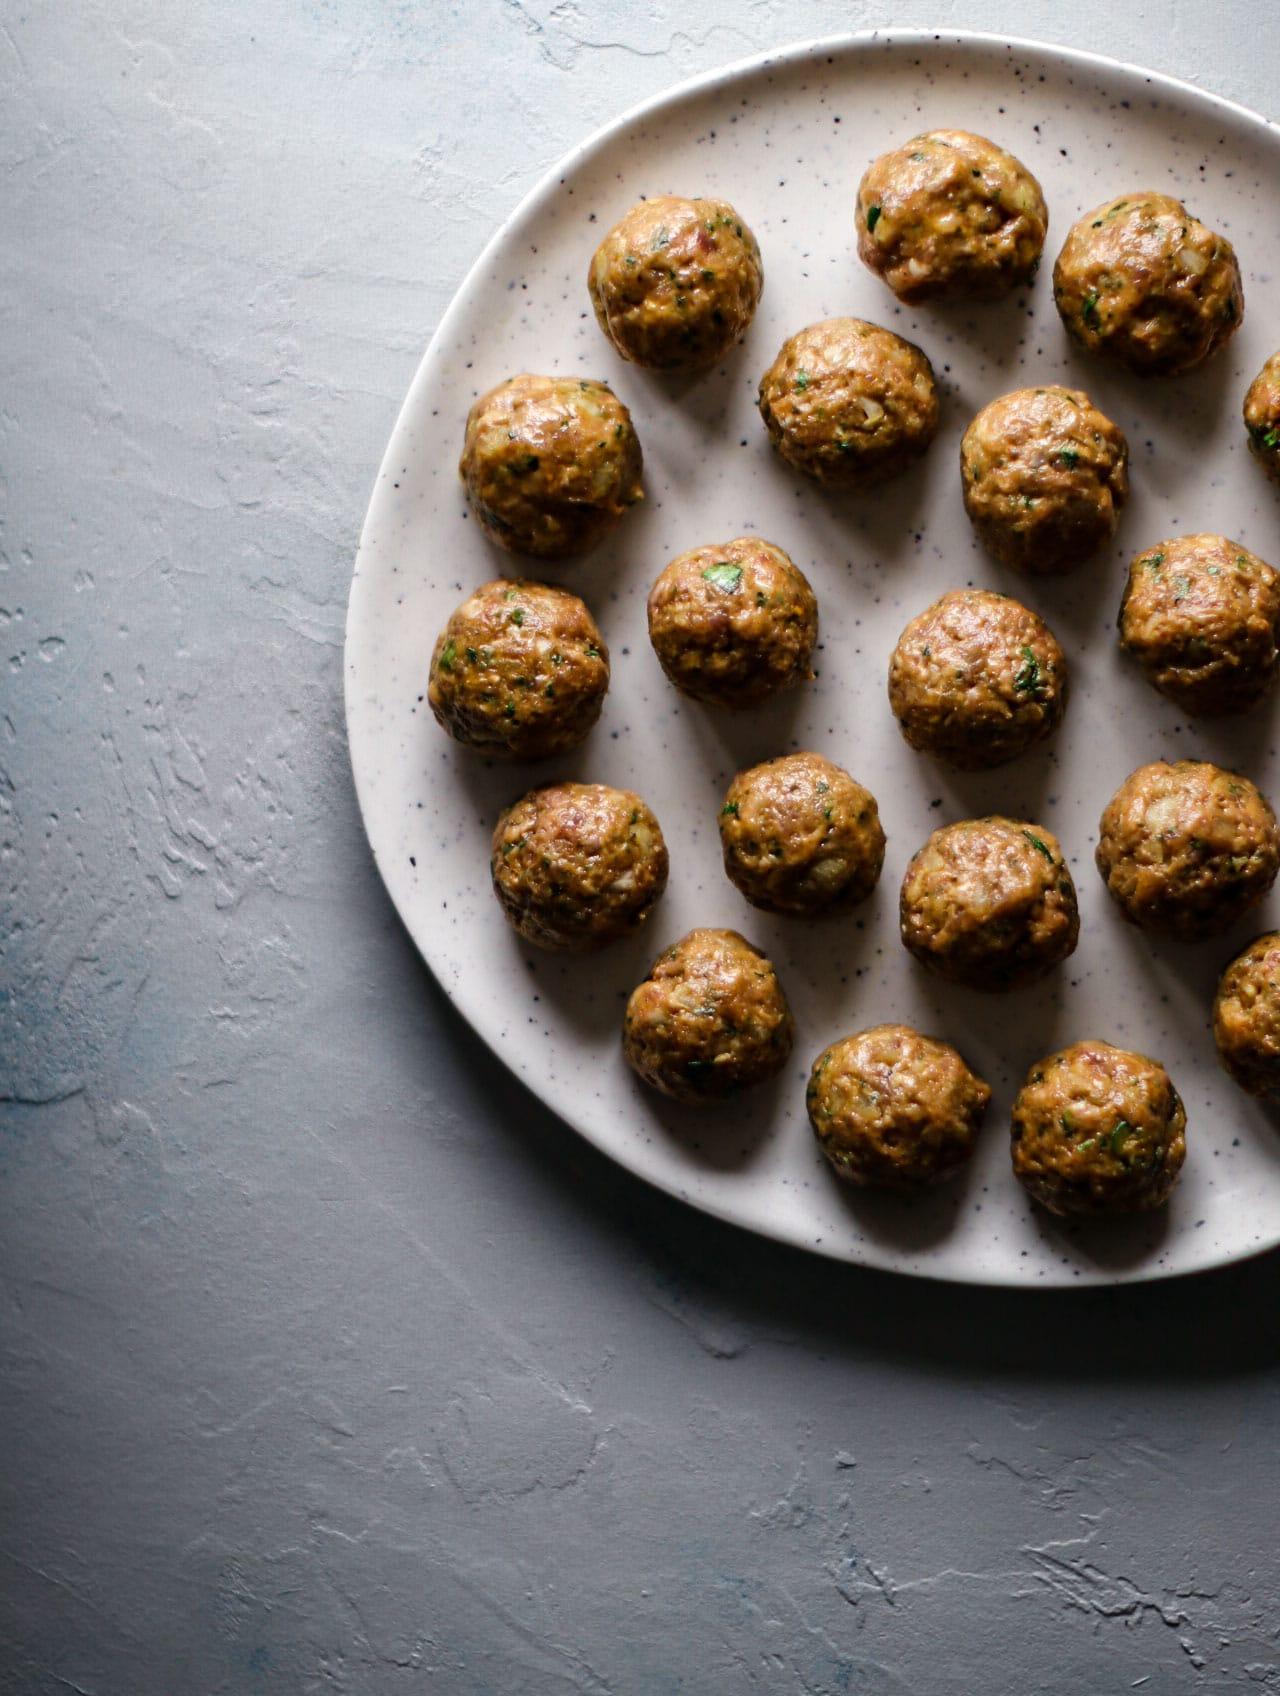 Uncooked Meatballs Kofte